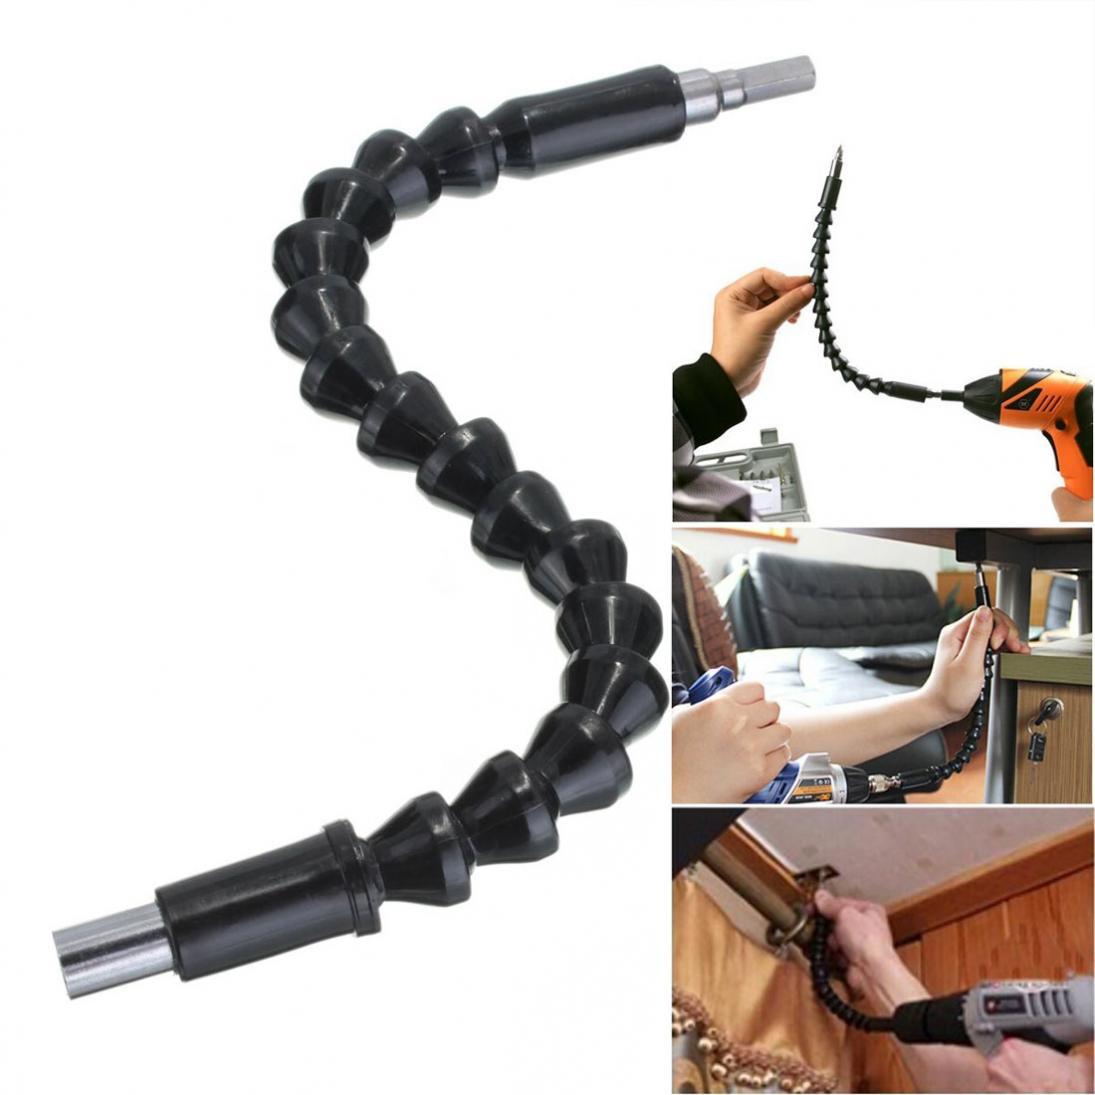 [해외]295mm 플렉시블 샤프트 비트 익스텐션 스크루 드라이버 드릴 비트 홀더 전자 드릴 용 링크 연결/295mm Flexible Shaft Bit Extention Screwdriver Drill Bit Holder Connect Link for Electronic